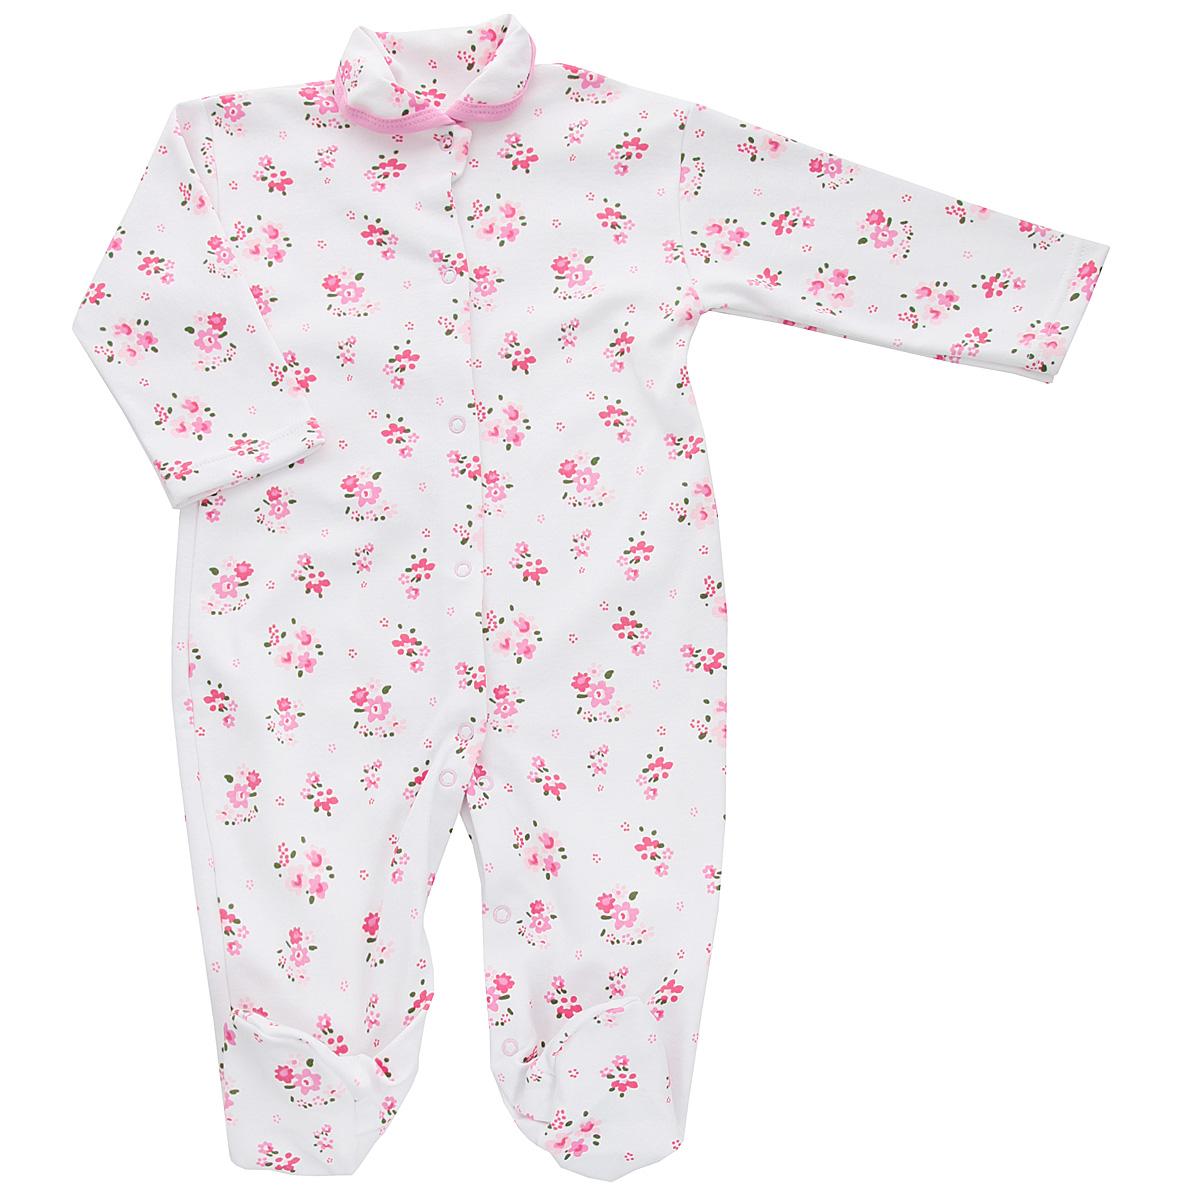 Комбинезон для девочки Трон-плюс, цвет: белый, розовый. 5815_цветы. Размер 80, 12 месяцев комбинезон детский трон плюс цвет белый голубой 5815 горох размер 80 12 месяцев